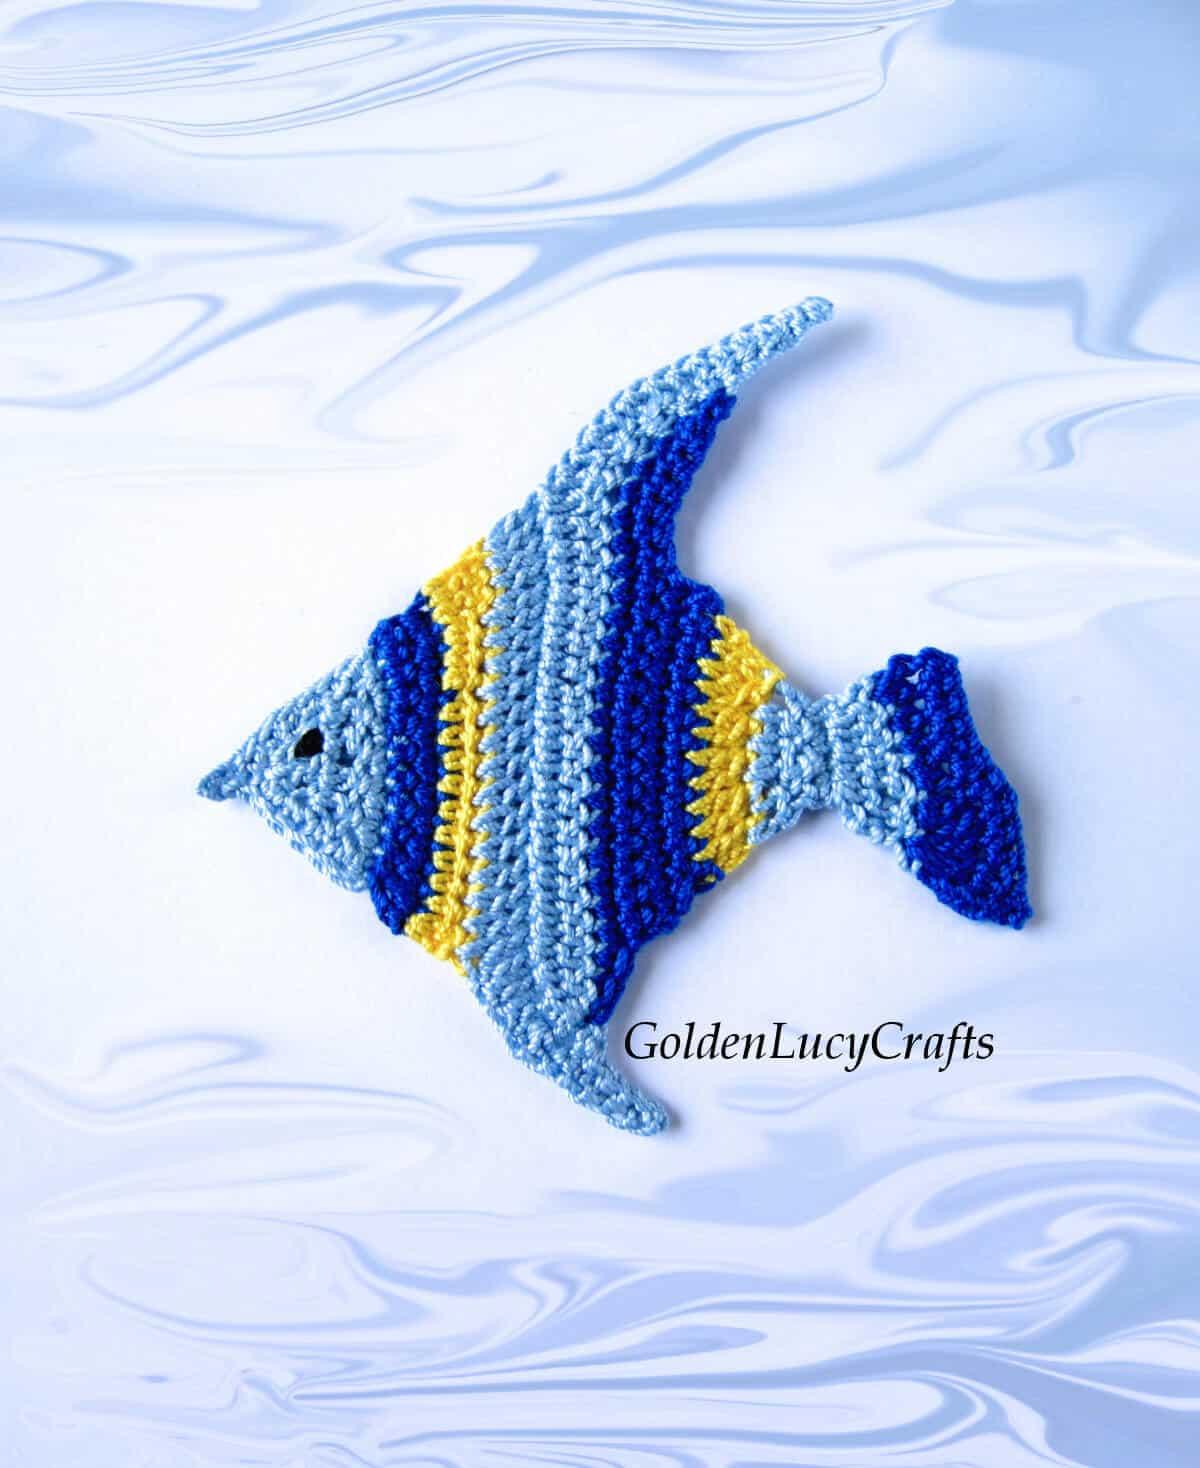 Aplique de ganchillo de peces tropicales en tonos azules y amarillos.